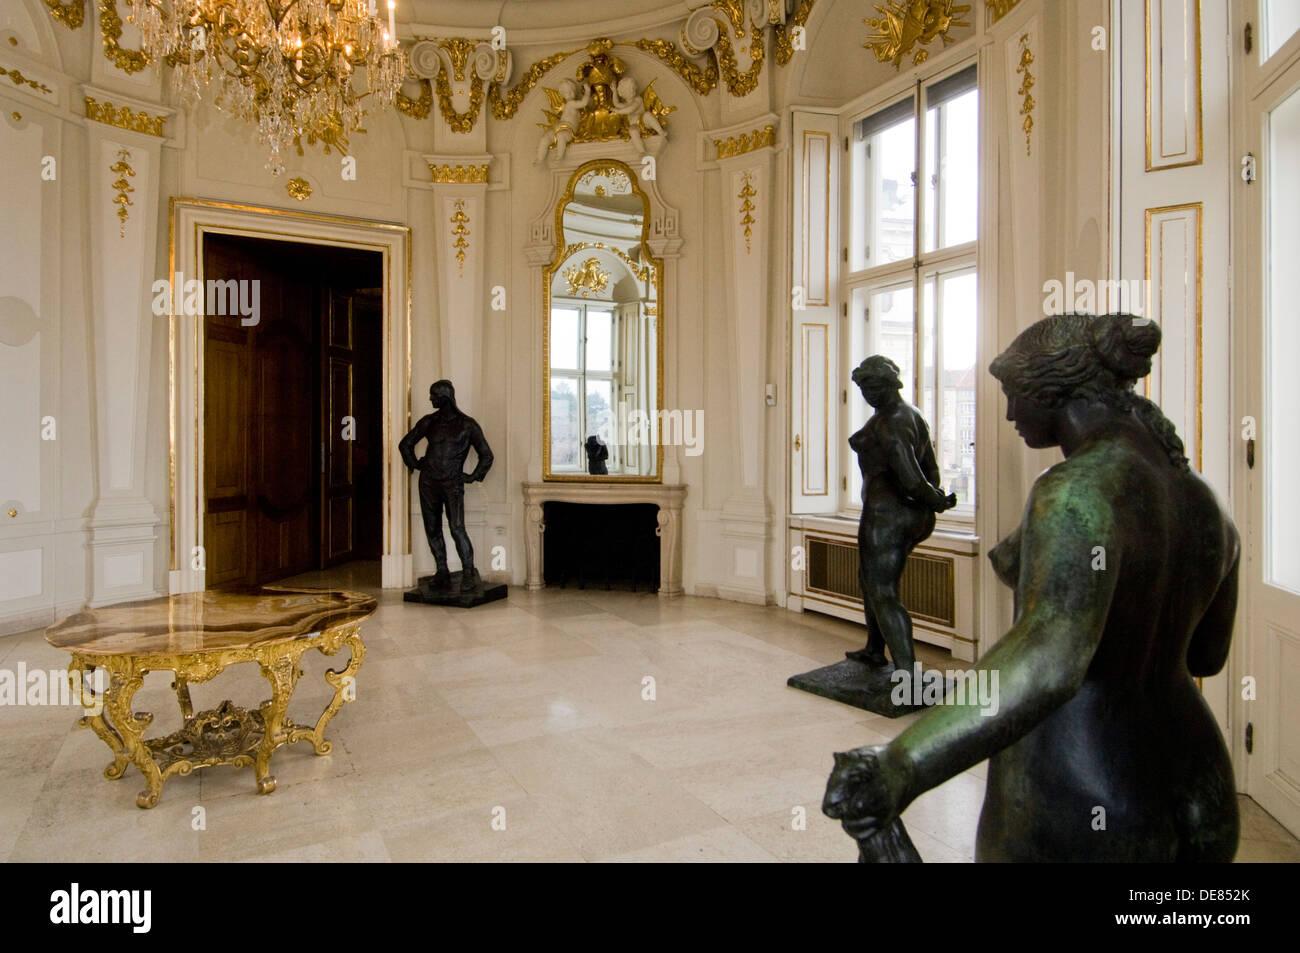 Österreich, Wien 3, Schloss Belvedere, Oberes Belvedere, barocker Austellungsraum mit Kunstwerken - Stock Image